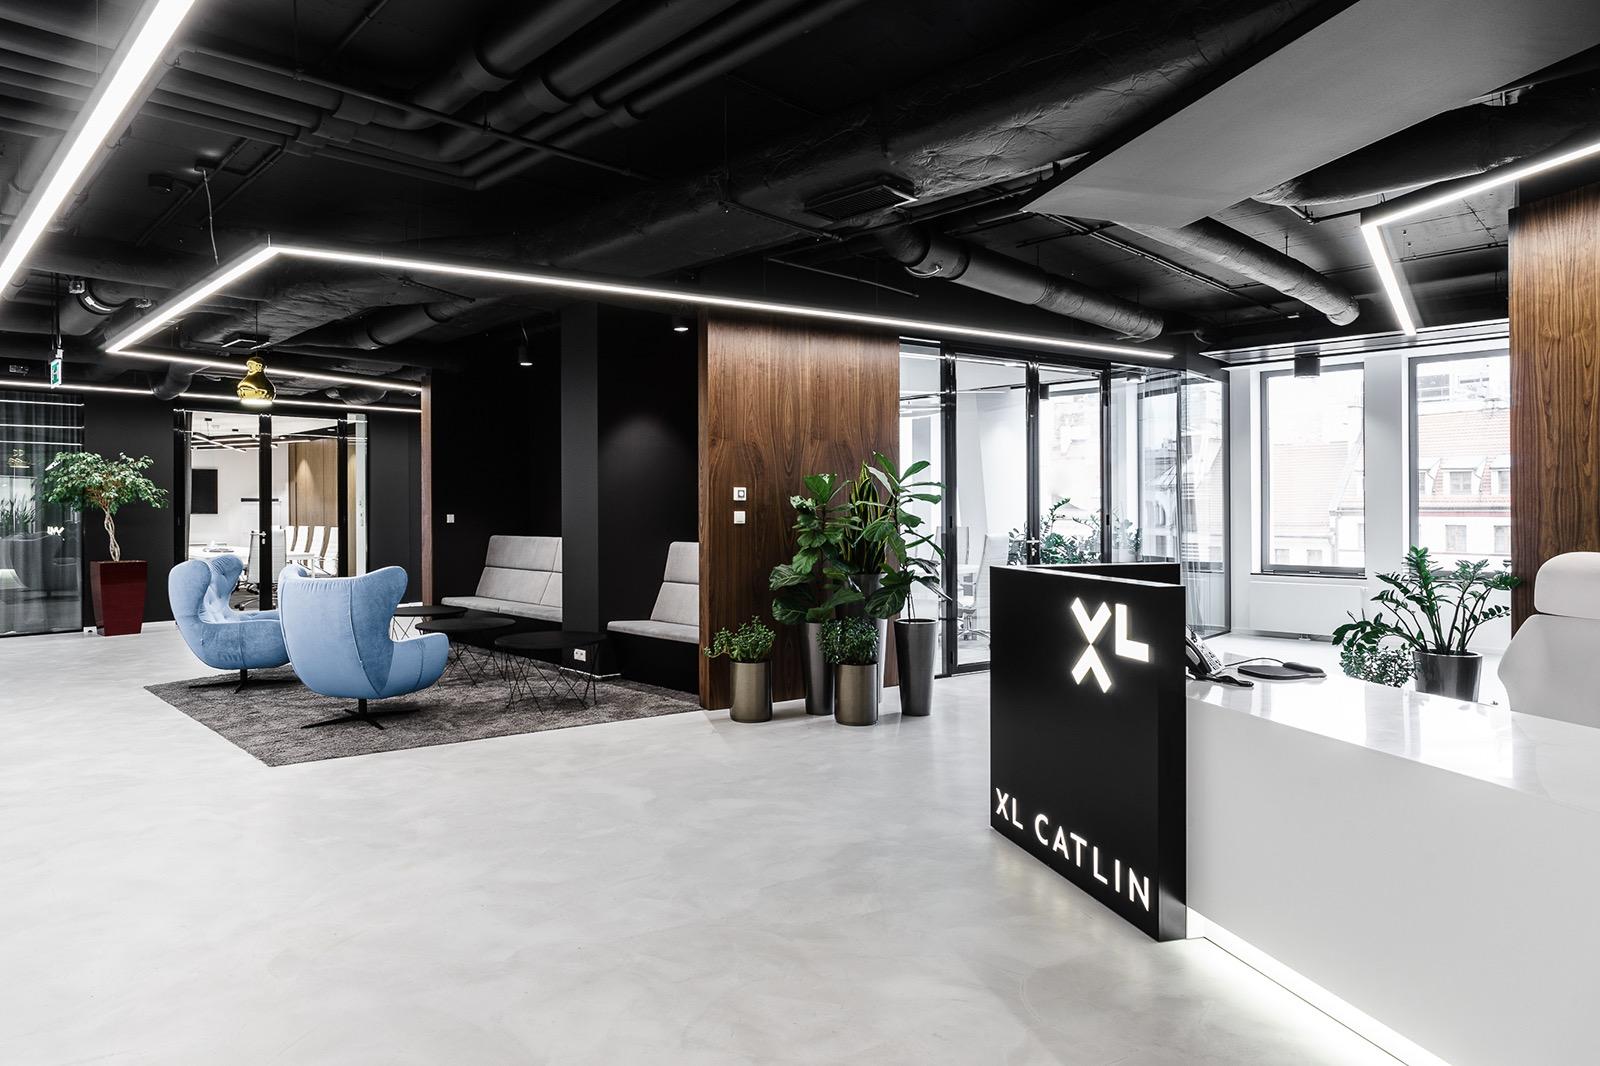 xl-catlin-office-3